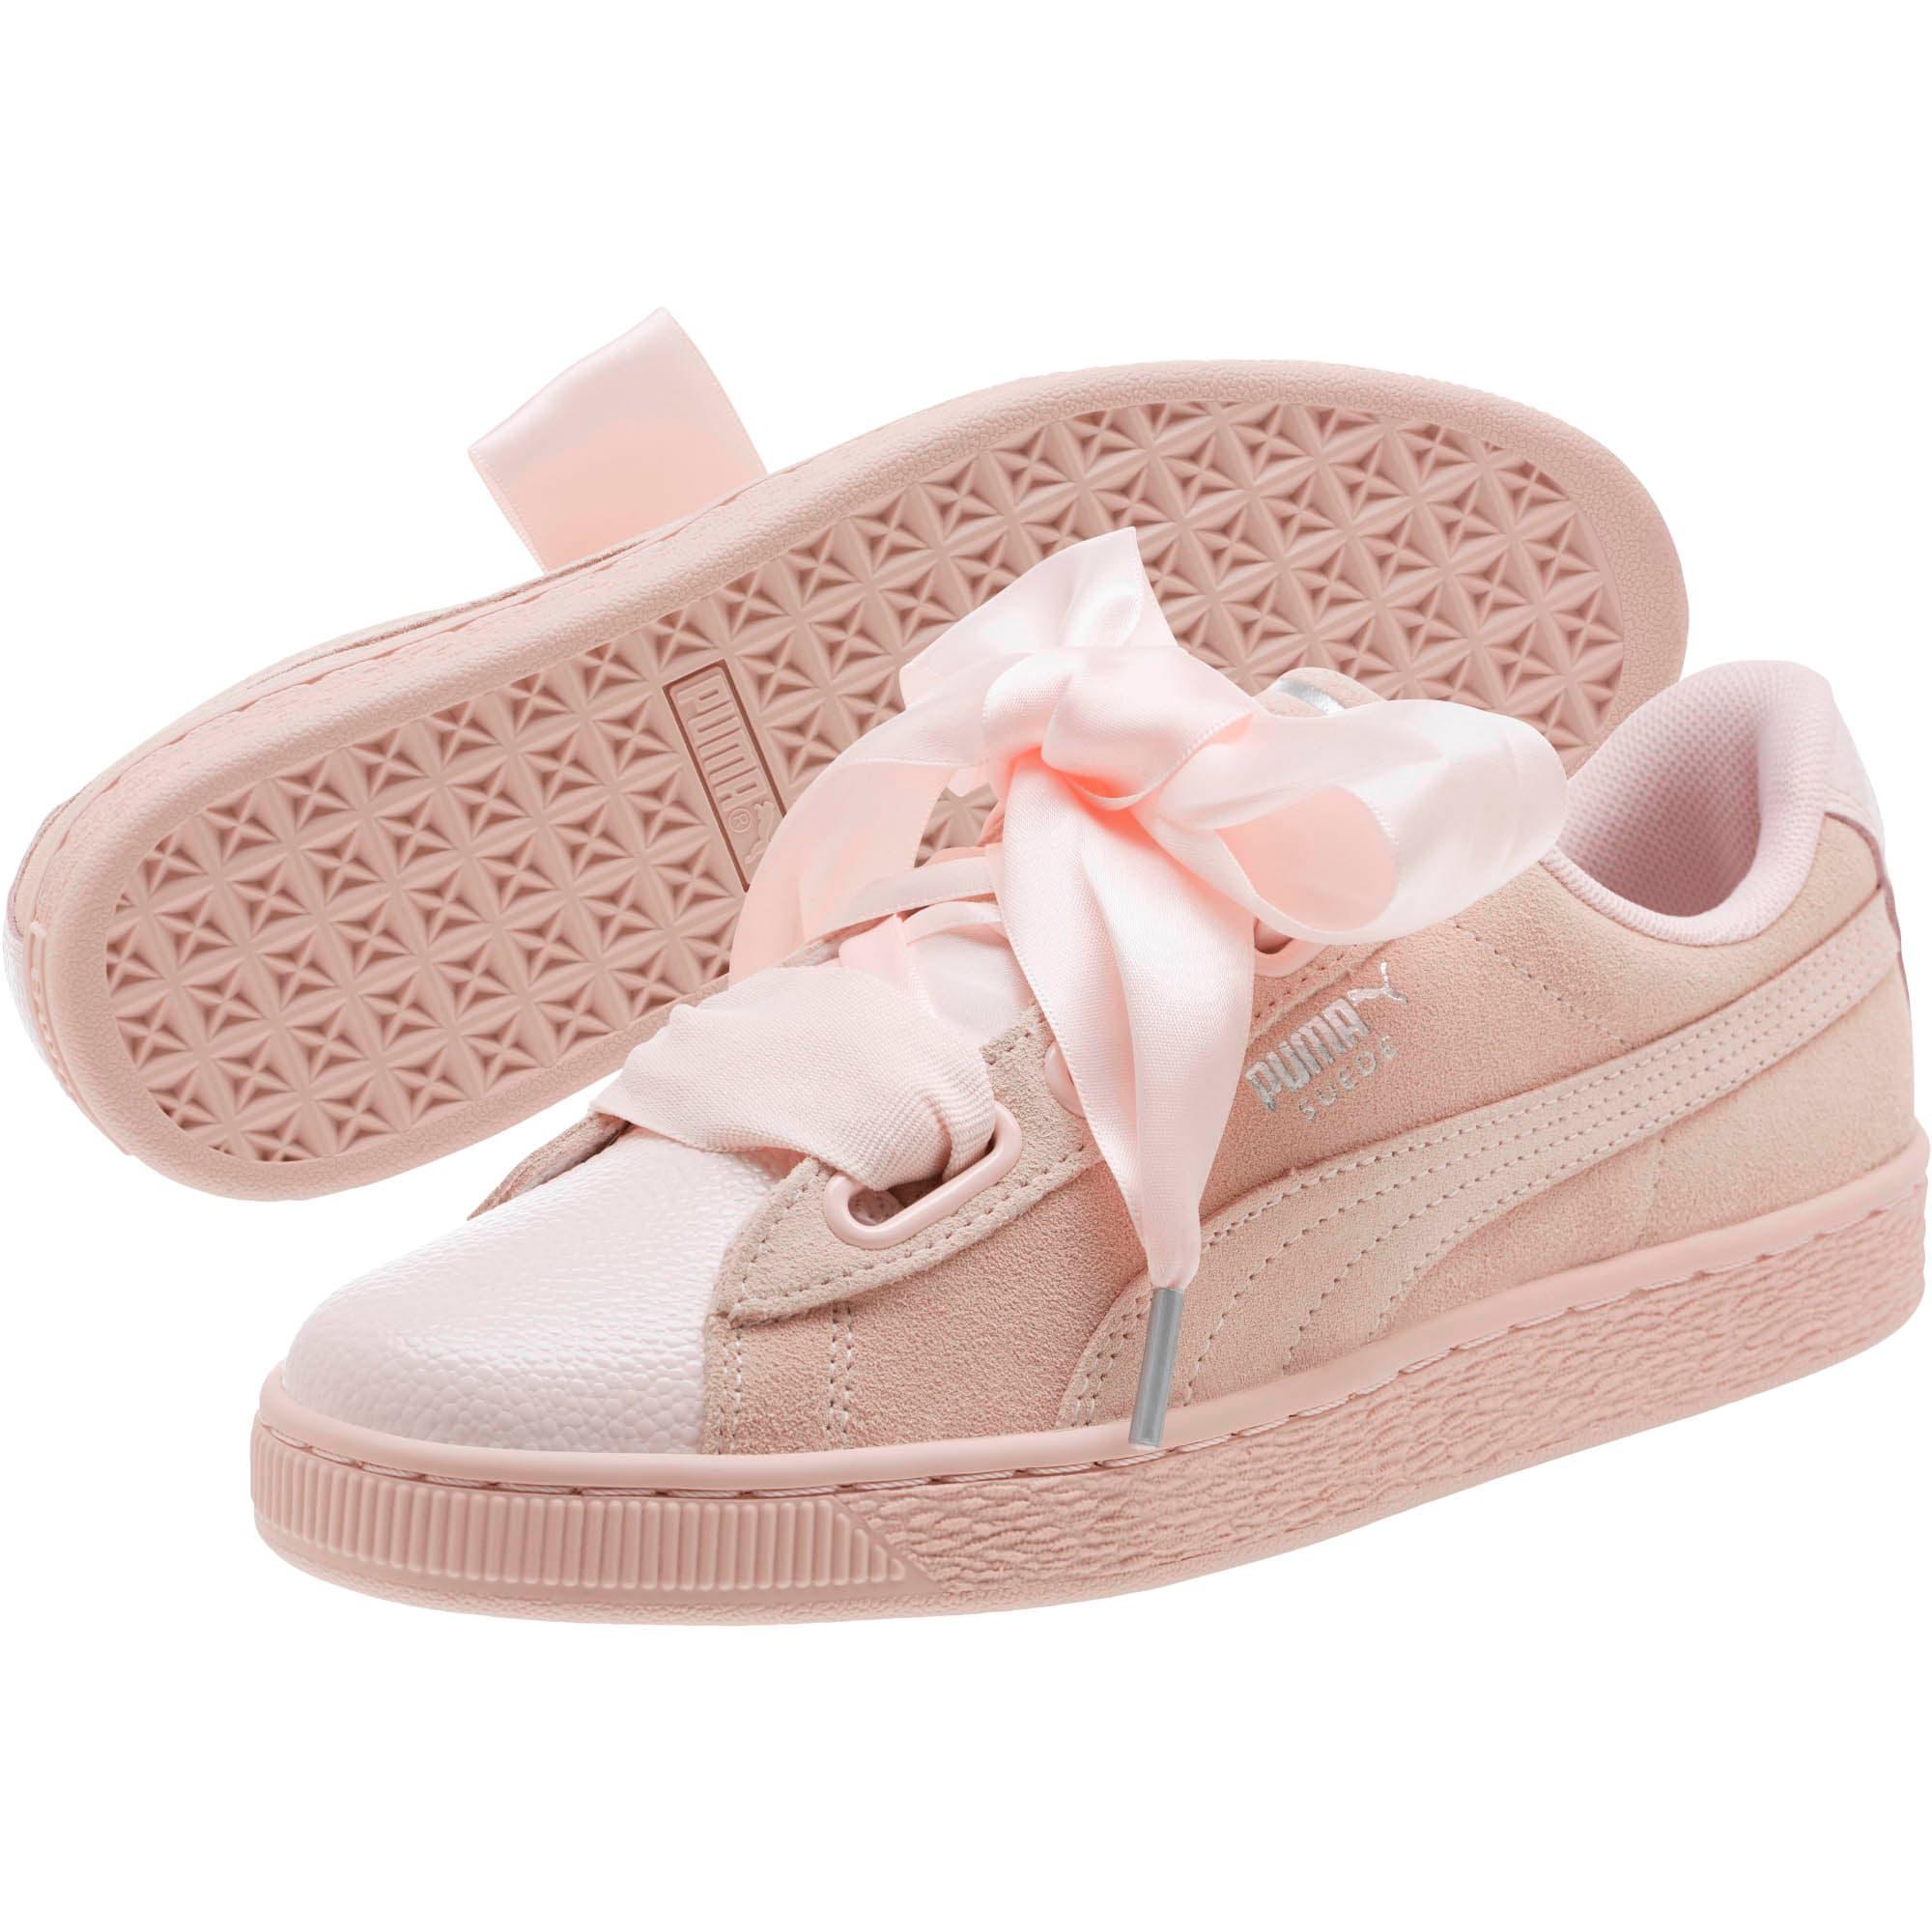 Suede Heart Bubble Women's Sneakers